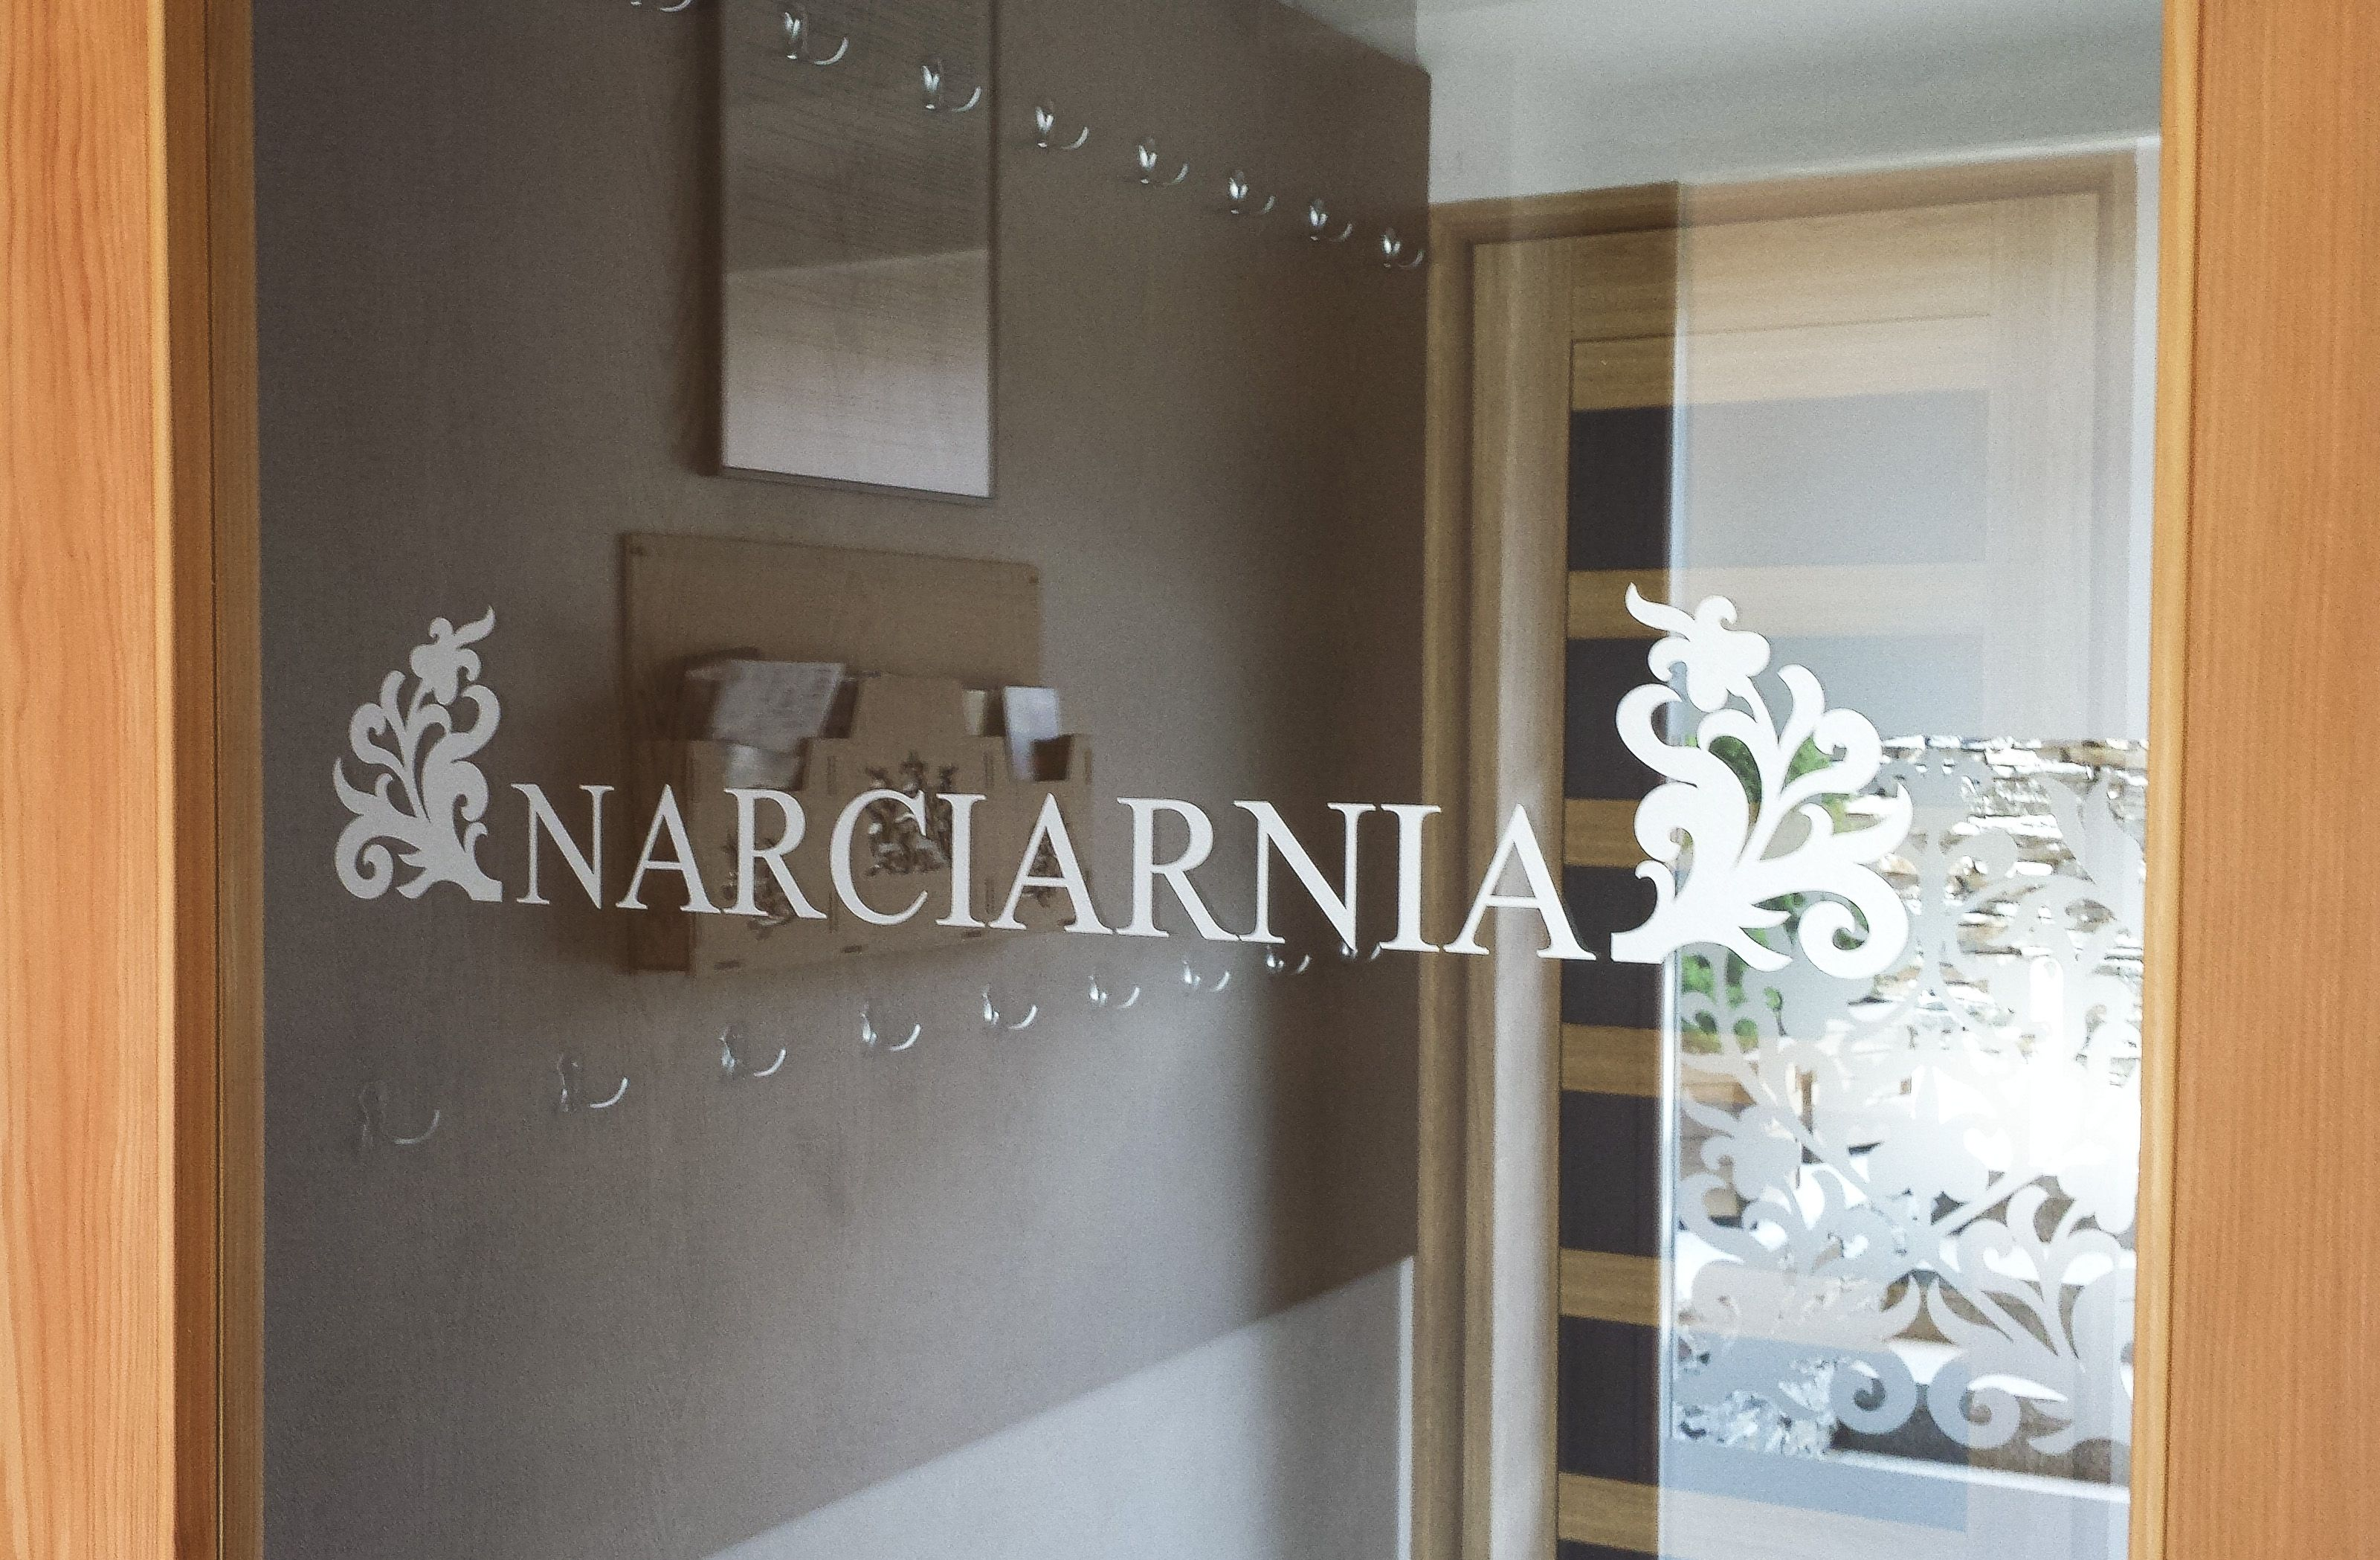 Narciarnia